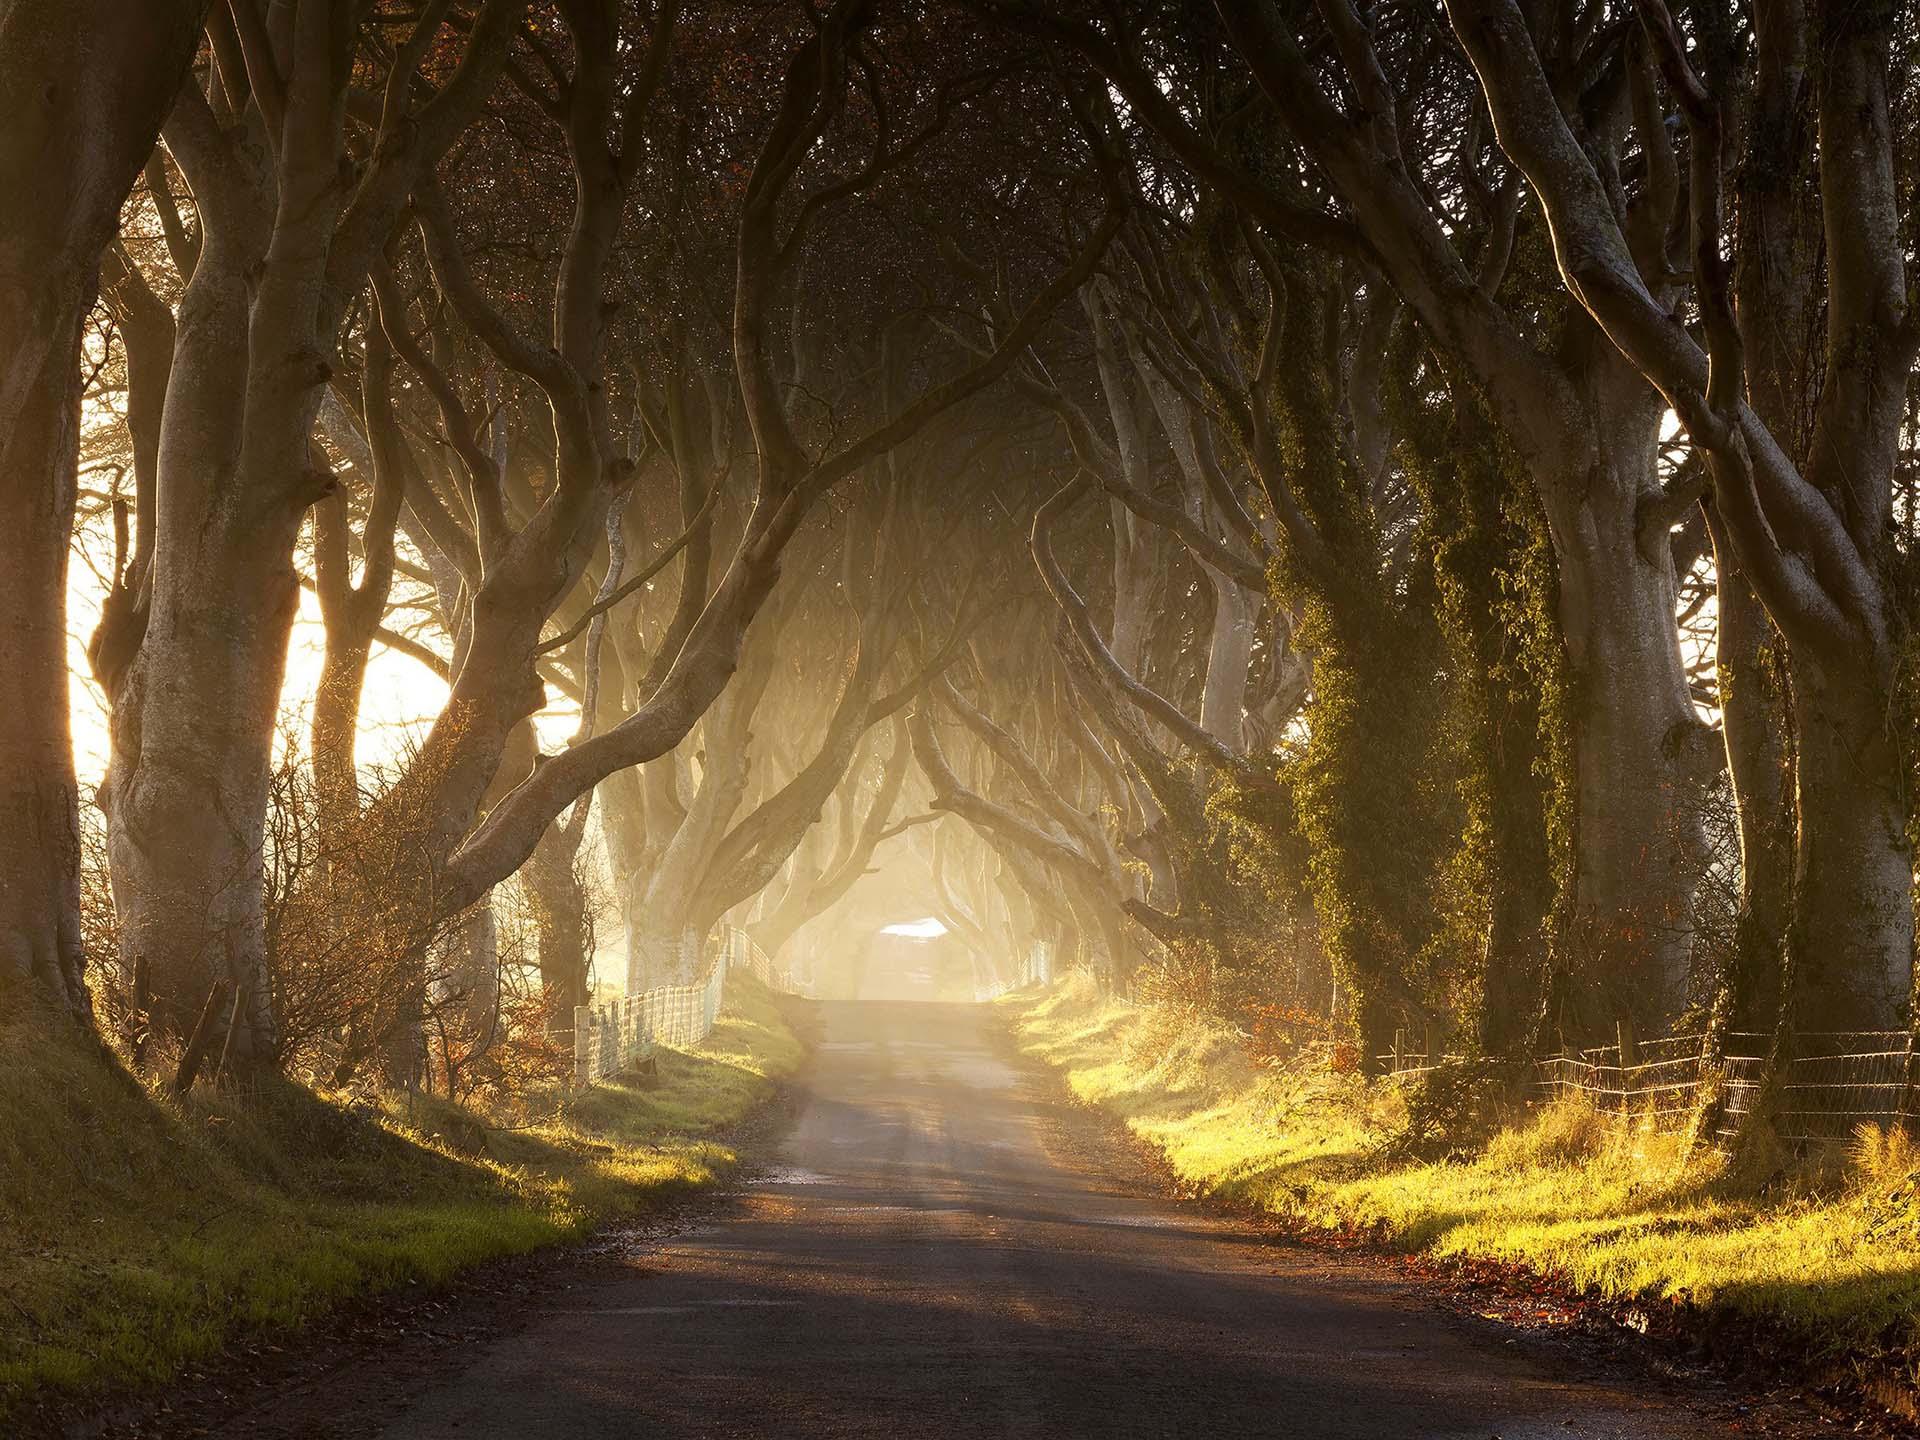 Con el sol velado y las largas sombras de estos setos oscuros en Irlanda del Norte, Arya pudo escabullirse de King's Landing disfrazada de niño